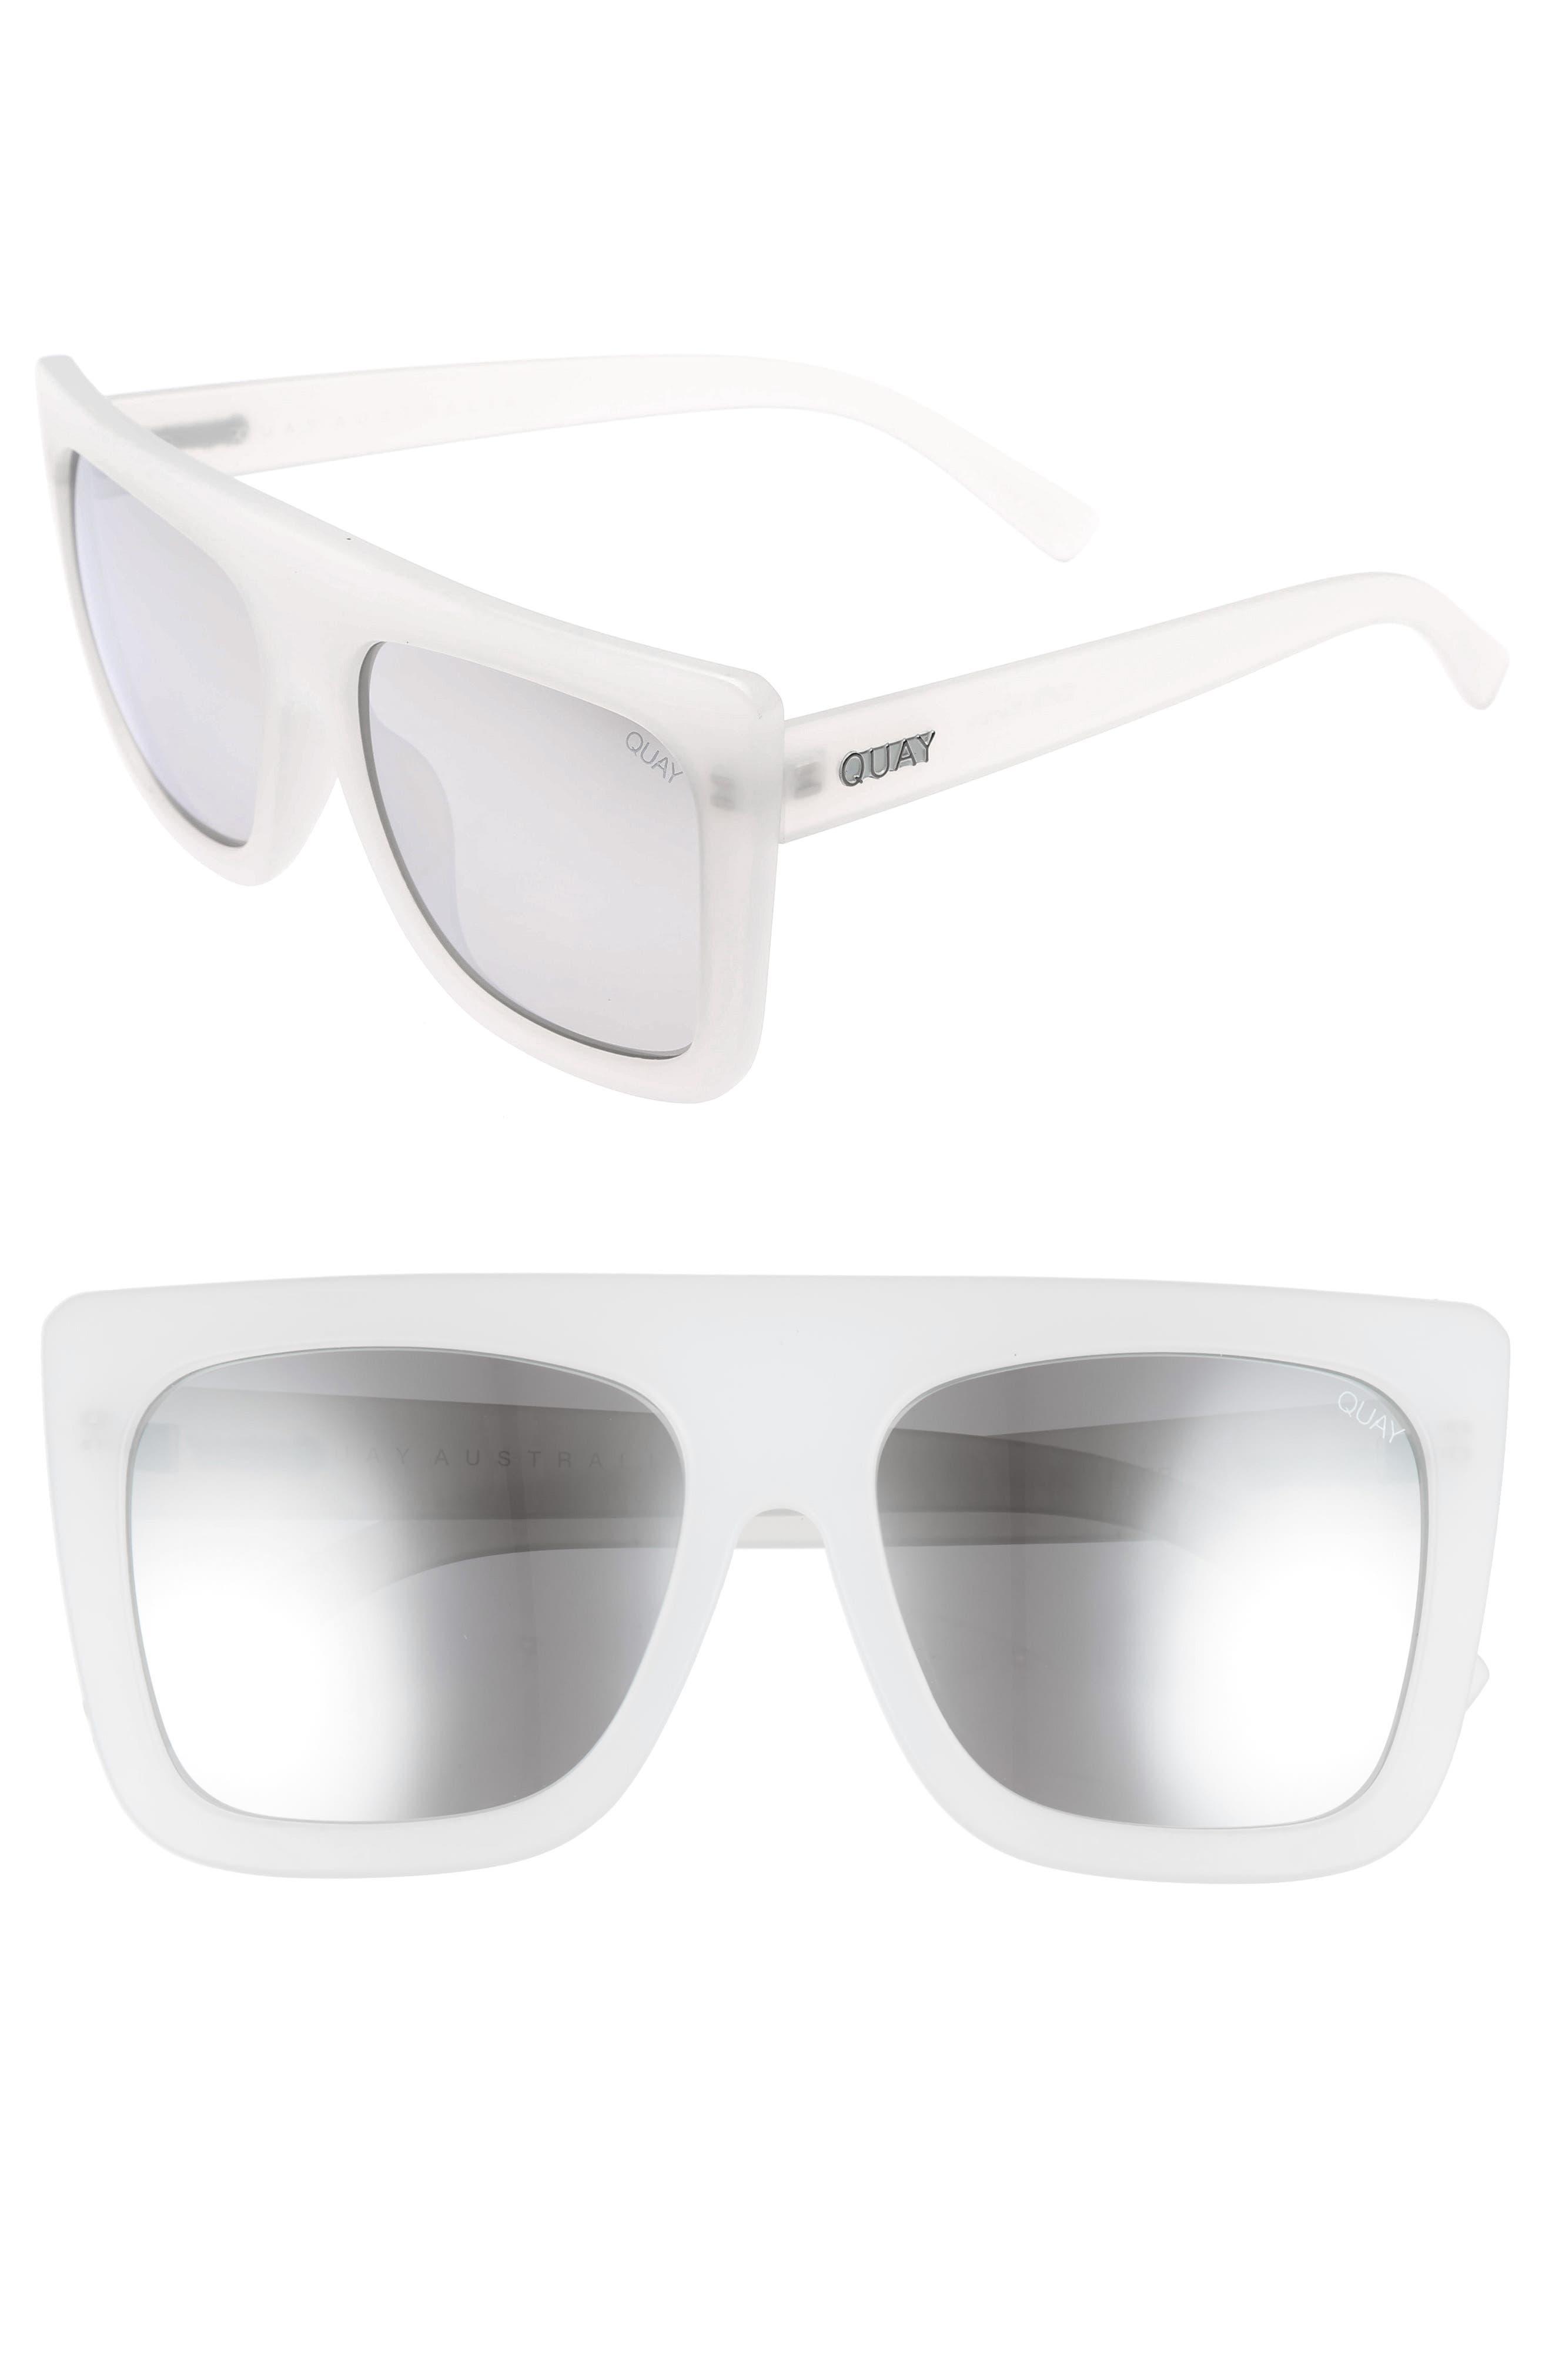 Quay Australia Cafe Racer 60mm Sunglasses